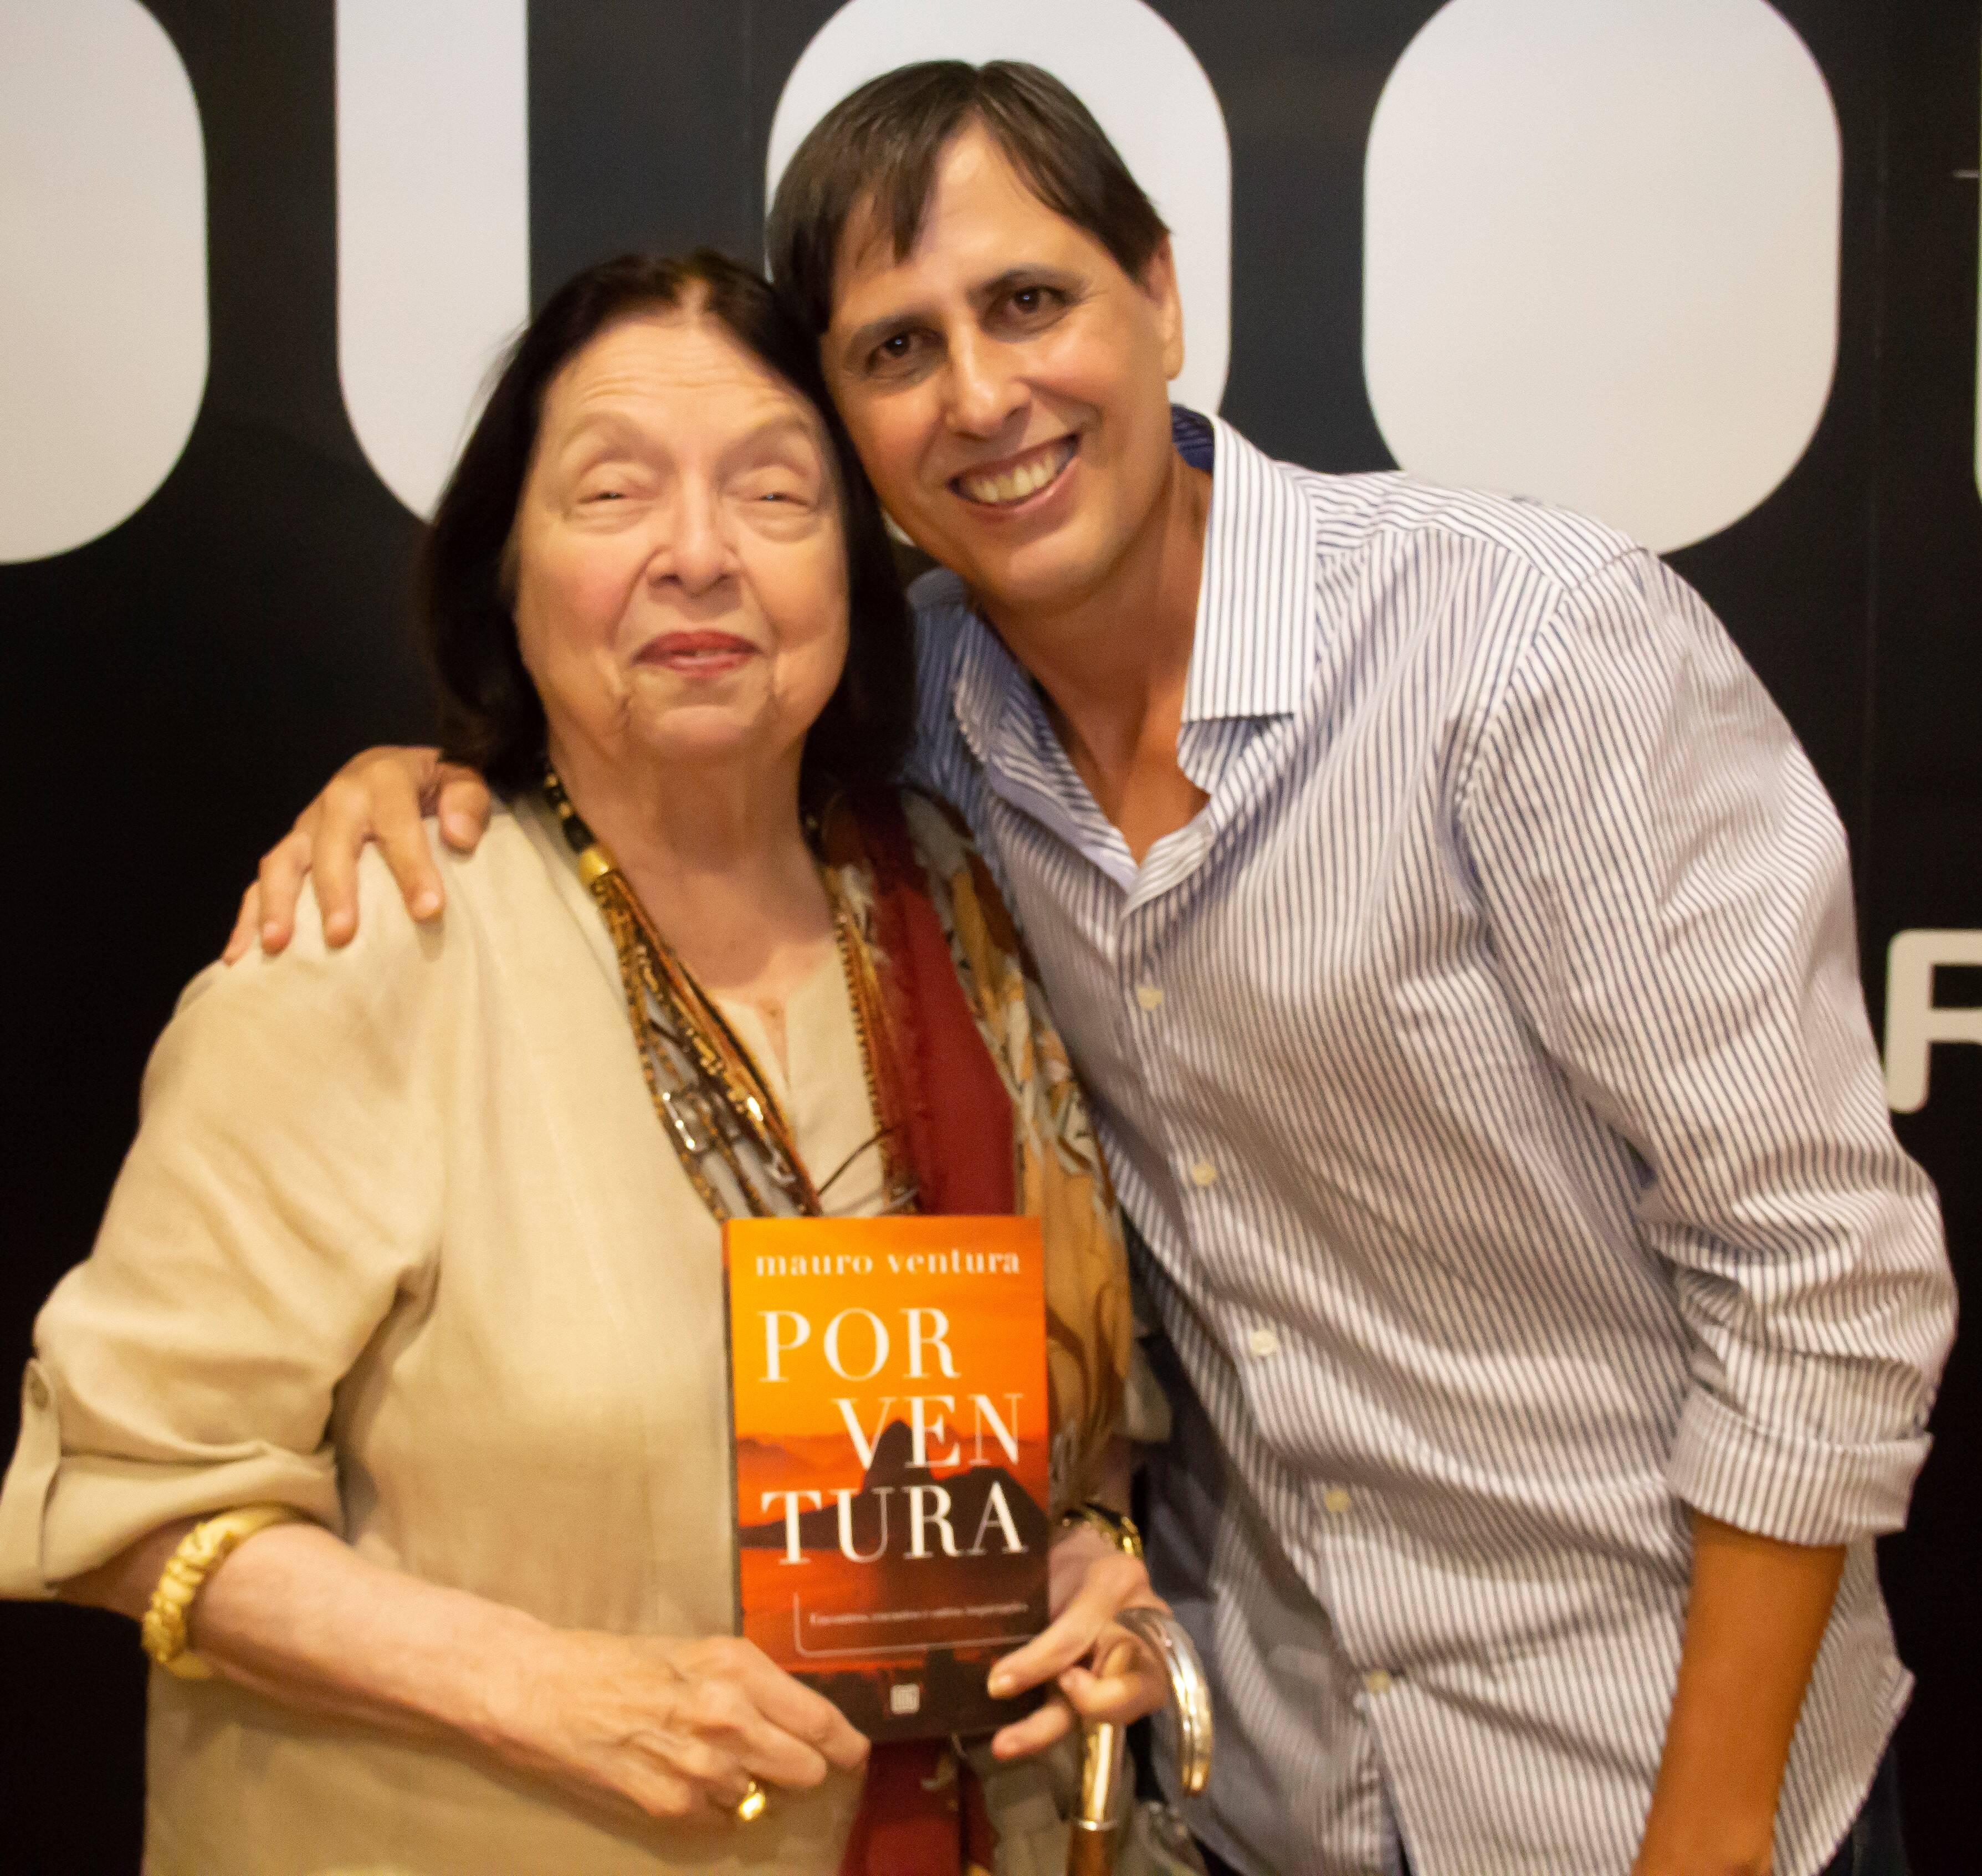 Mauro Ventura com a escritora e acadêmica Nélida Piñon /Foto: Marcelo Brandão